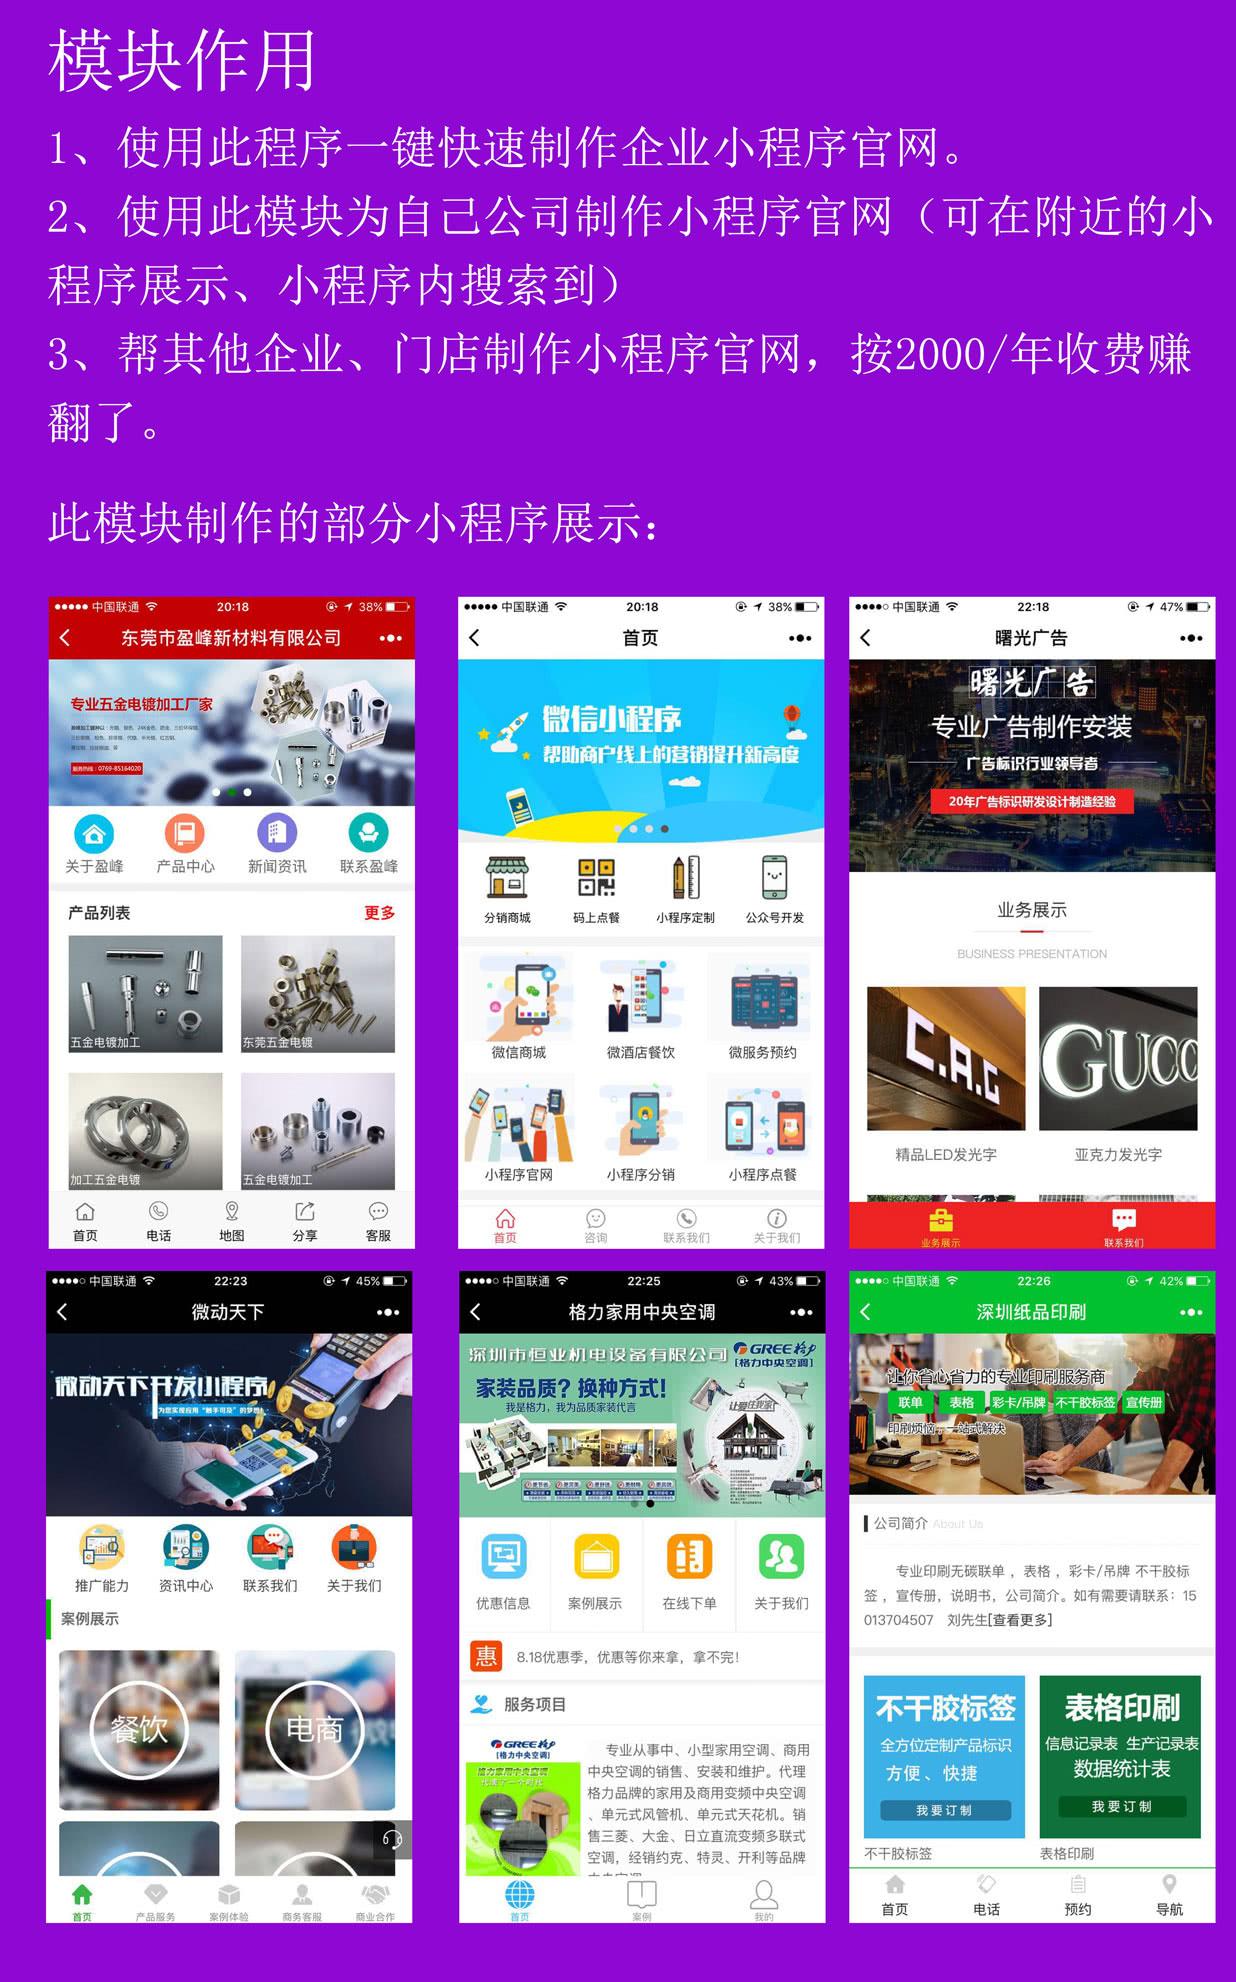 企业门店官网DIY制作 1.2.1 小程序前端+后端